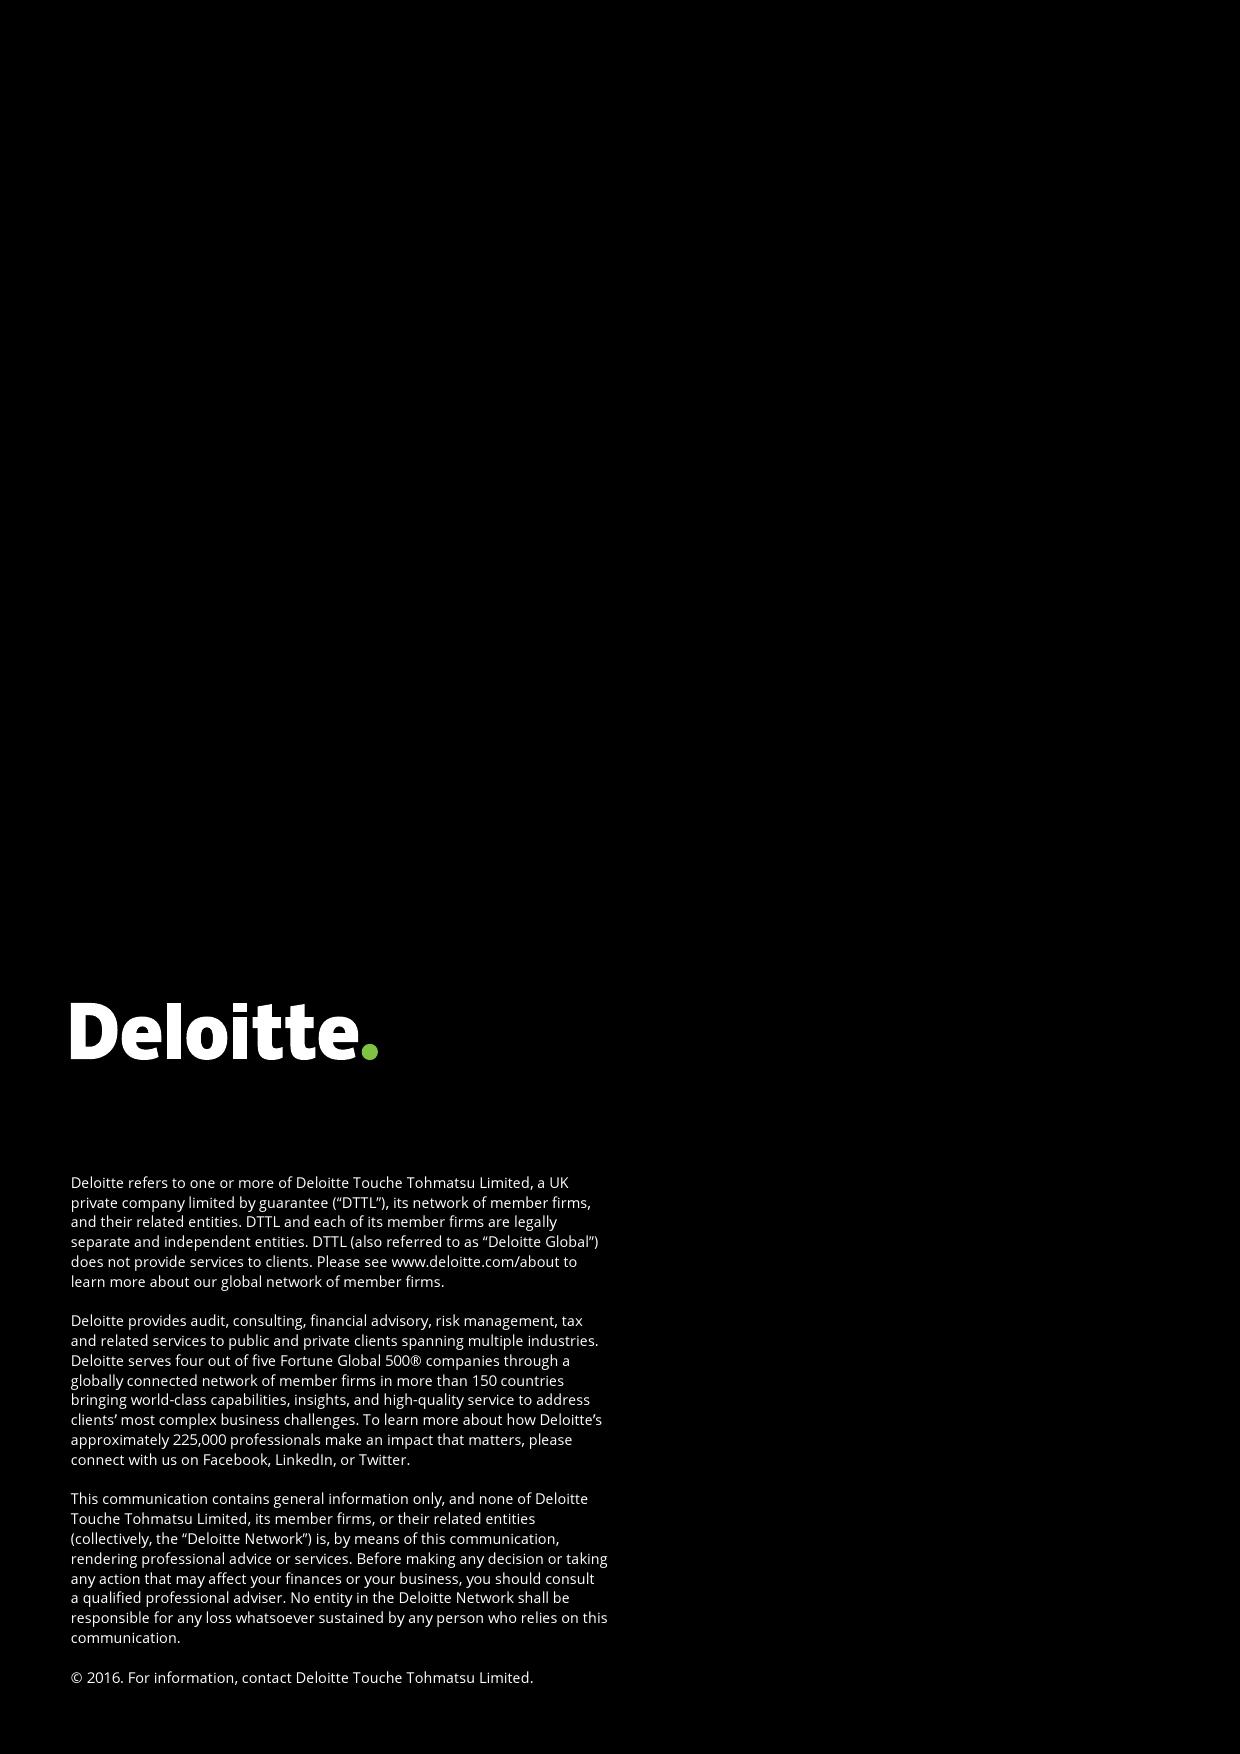 gx-fsi-blockchain-deloitte-summary_000021